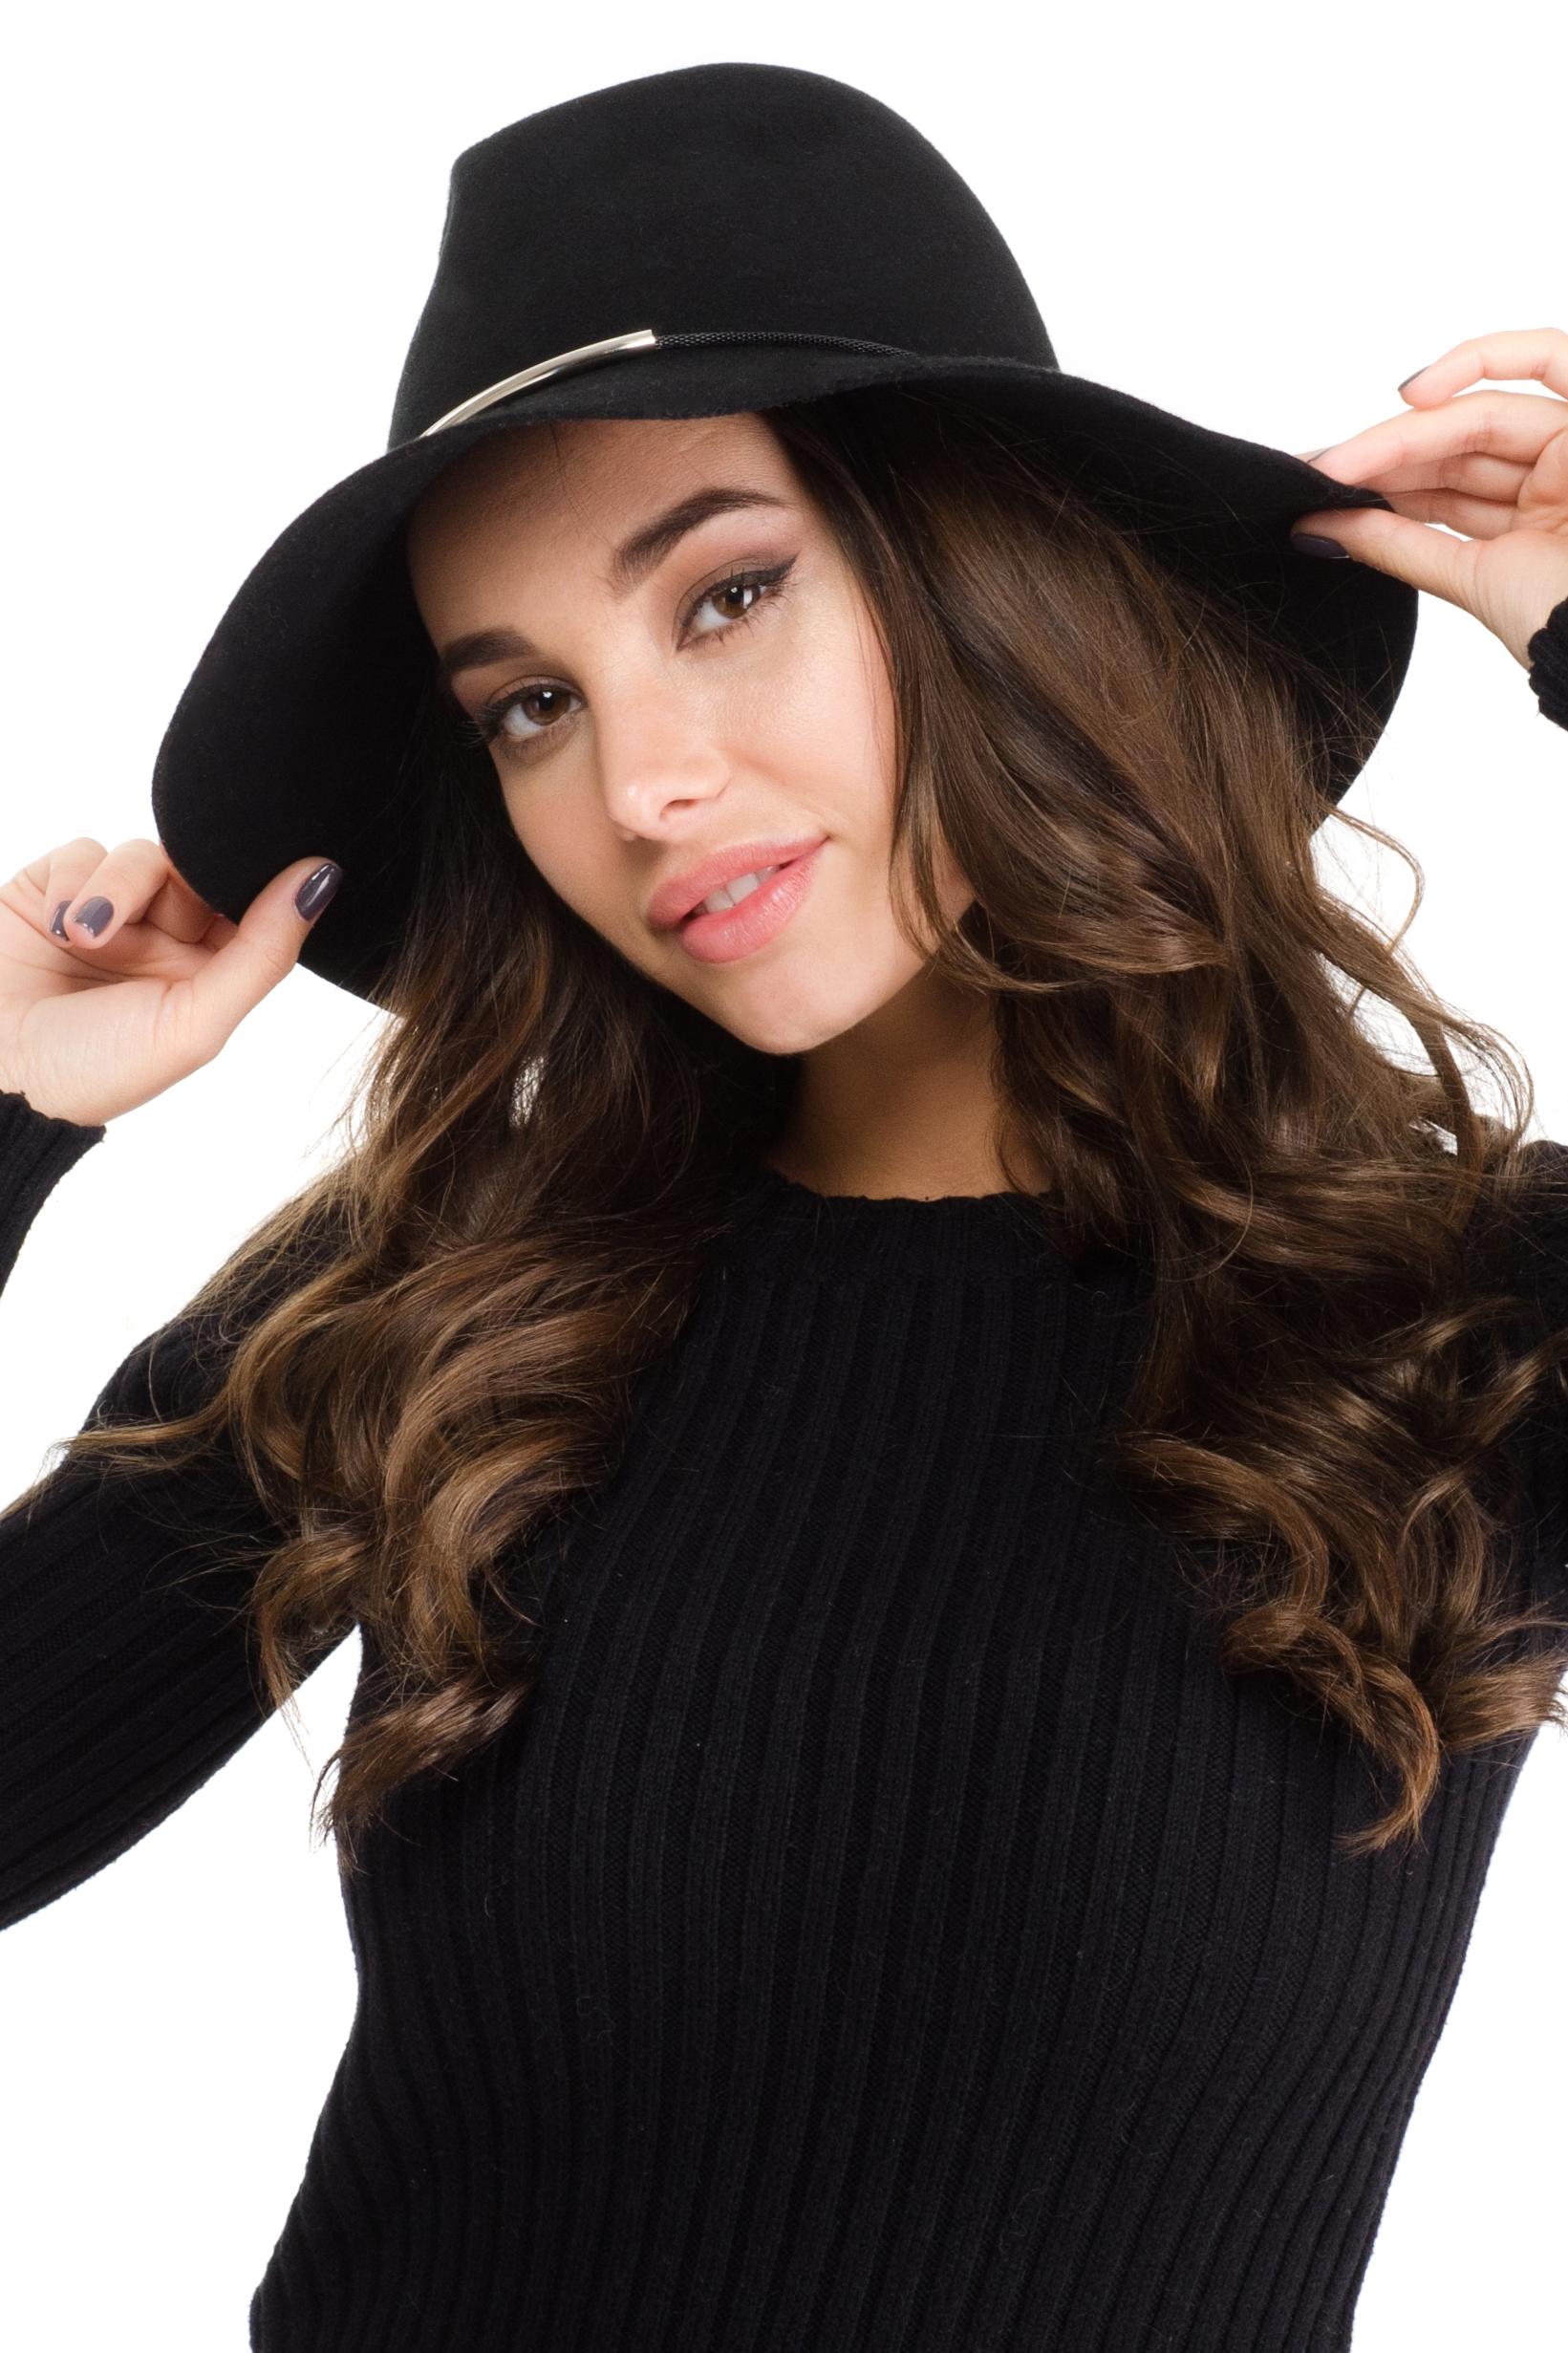 Шляпа женская Moltini, цвет: черный. 141B-1605. Размер 57/58141B-1605Элегантная женская шляпа Moltini, выполненная из тонкого фетра, дополнит любой образ. Модель широкими полями и высокой тульей. Шляпа-клош по тулье оформлена тонкой металлической цепочкой, которая дополнена металлическими трубками. Внутри модель дополнена плотной тесьмой для комфортной посадки изделия по голове. Аккуратные поля шляпы придадут вашему образу таинственности и шарма.Такая шляпа подчеркнет вашу неповторимость и прекрасный вкус.